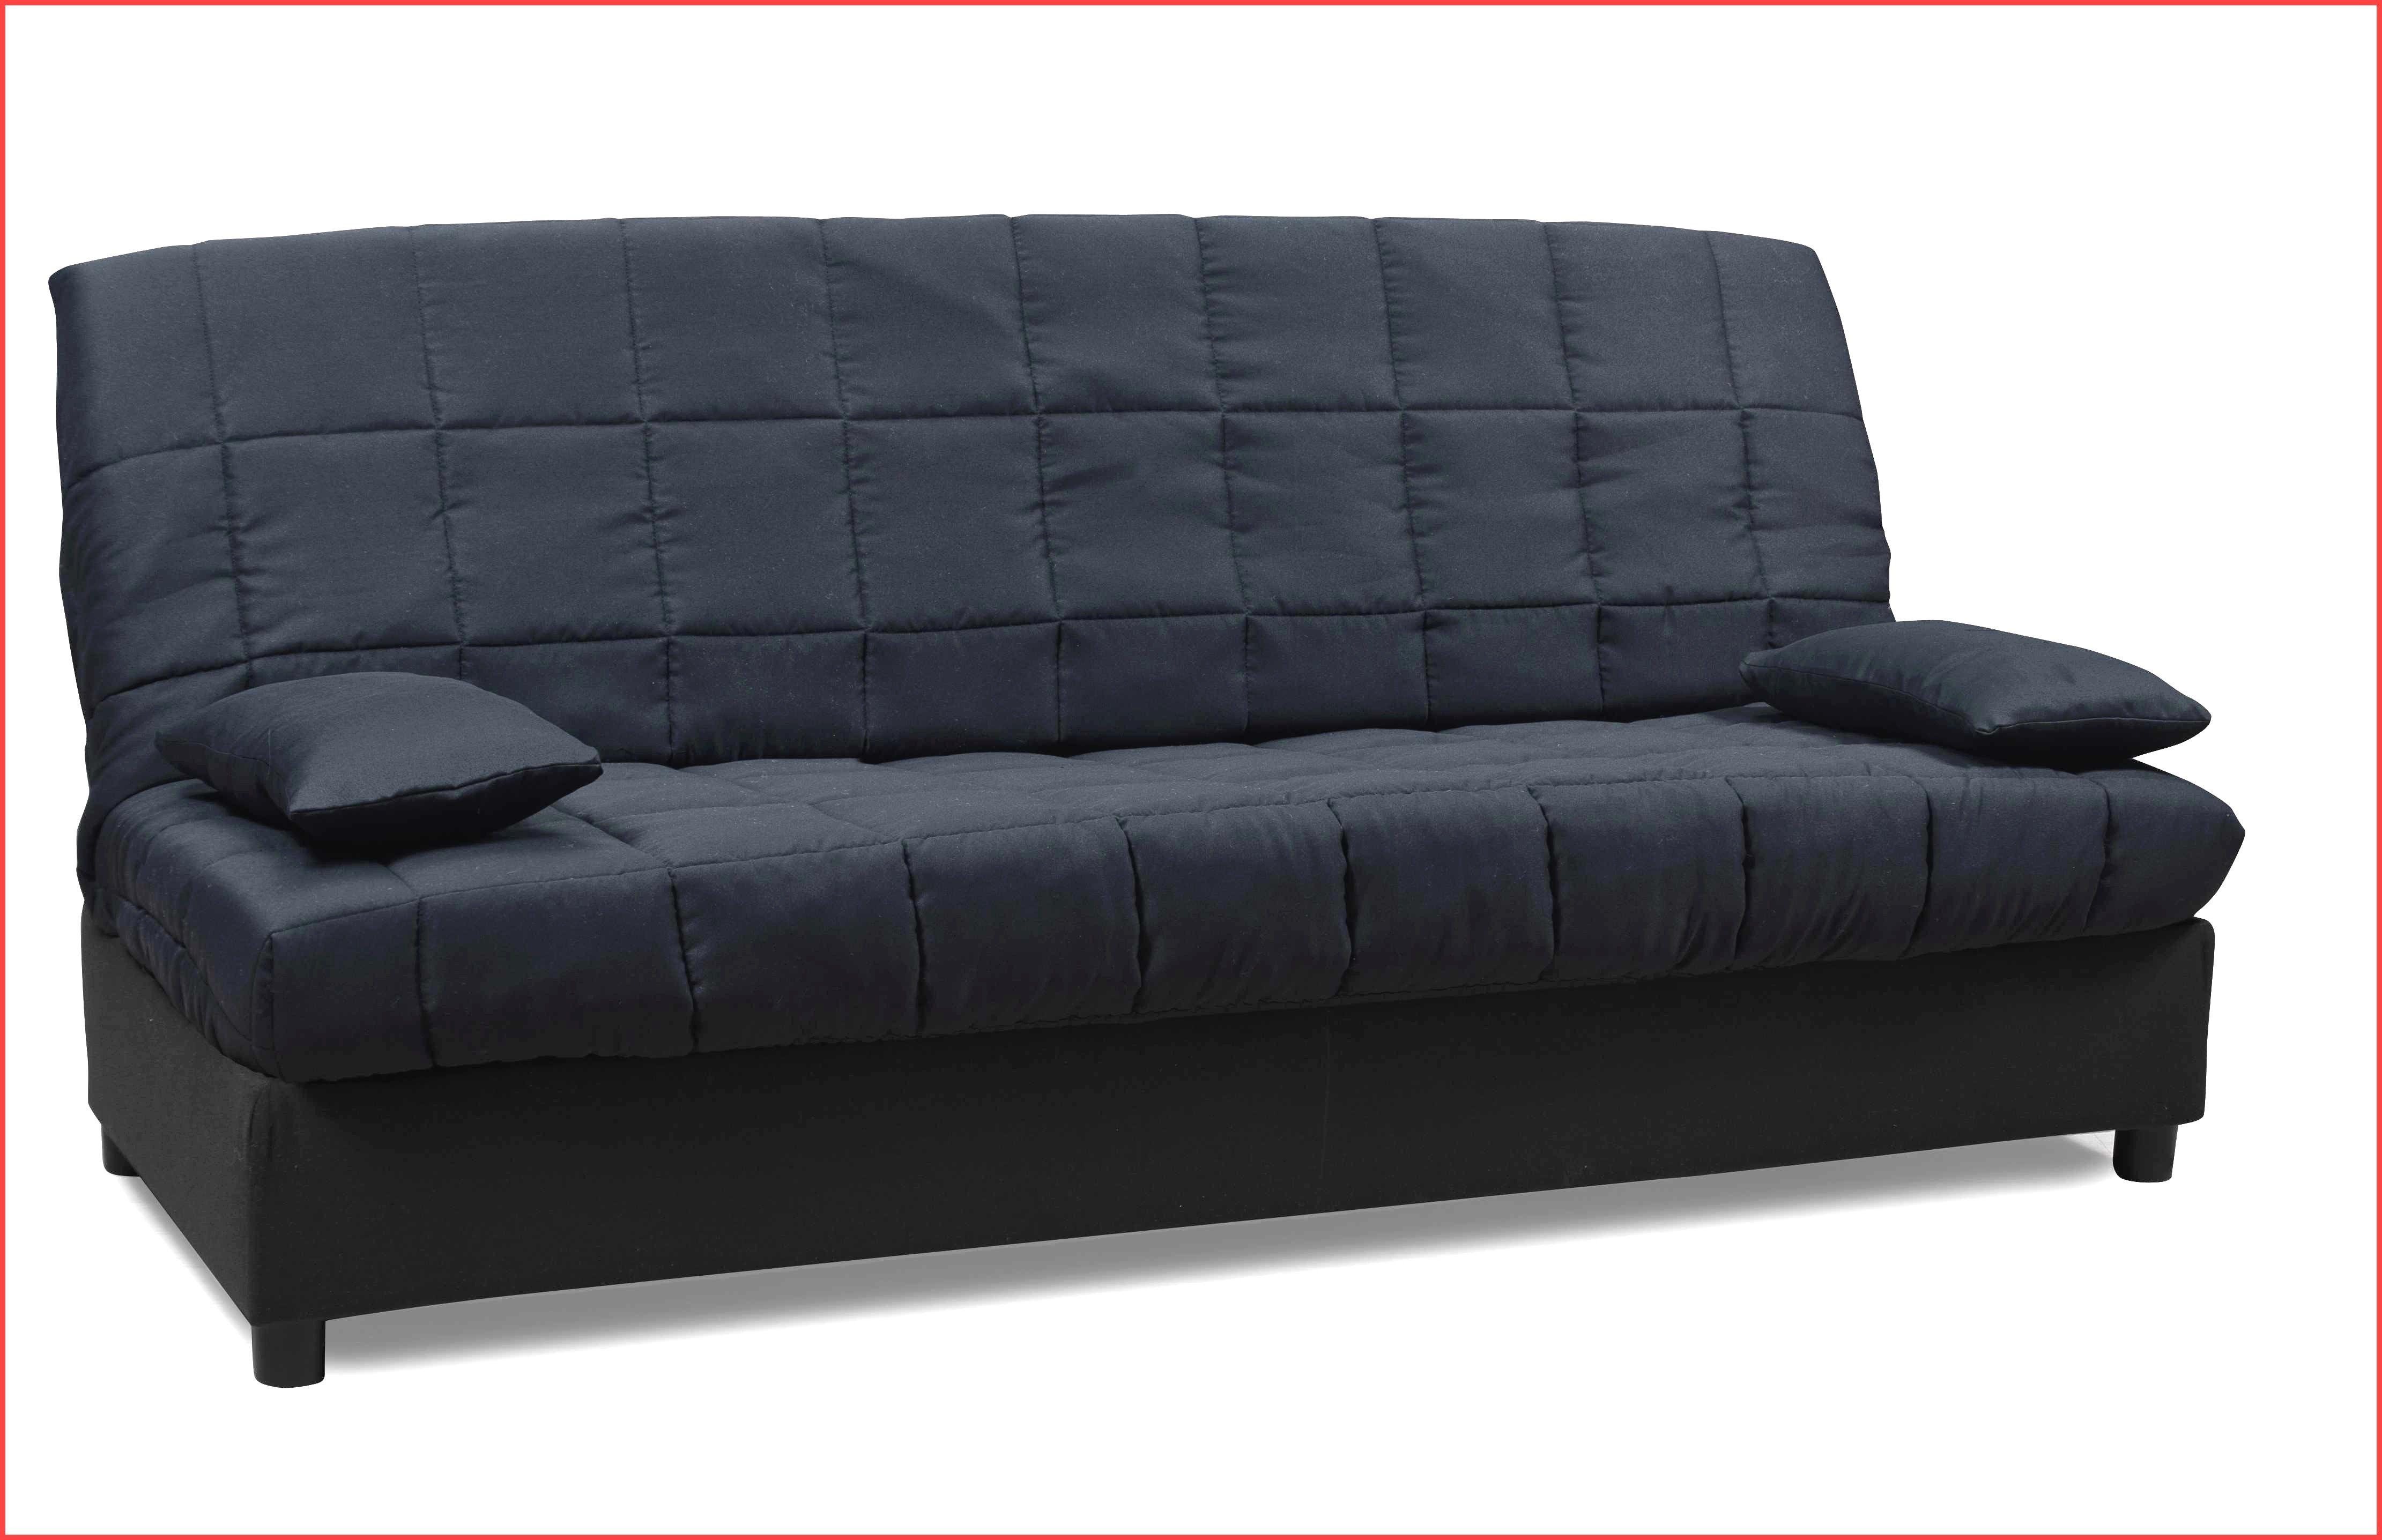 Canap Canap Bz Ikea Belle Canap Canap Design Pas Cher Belle Avec